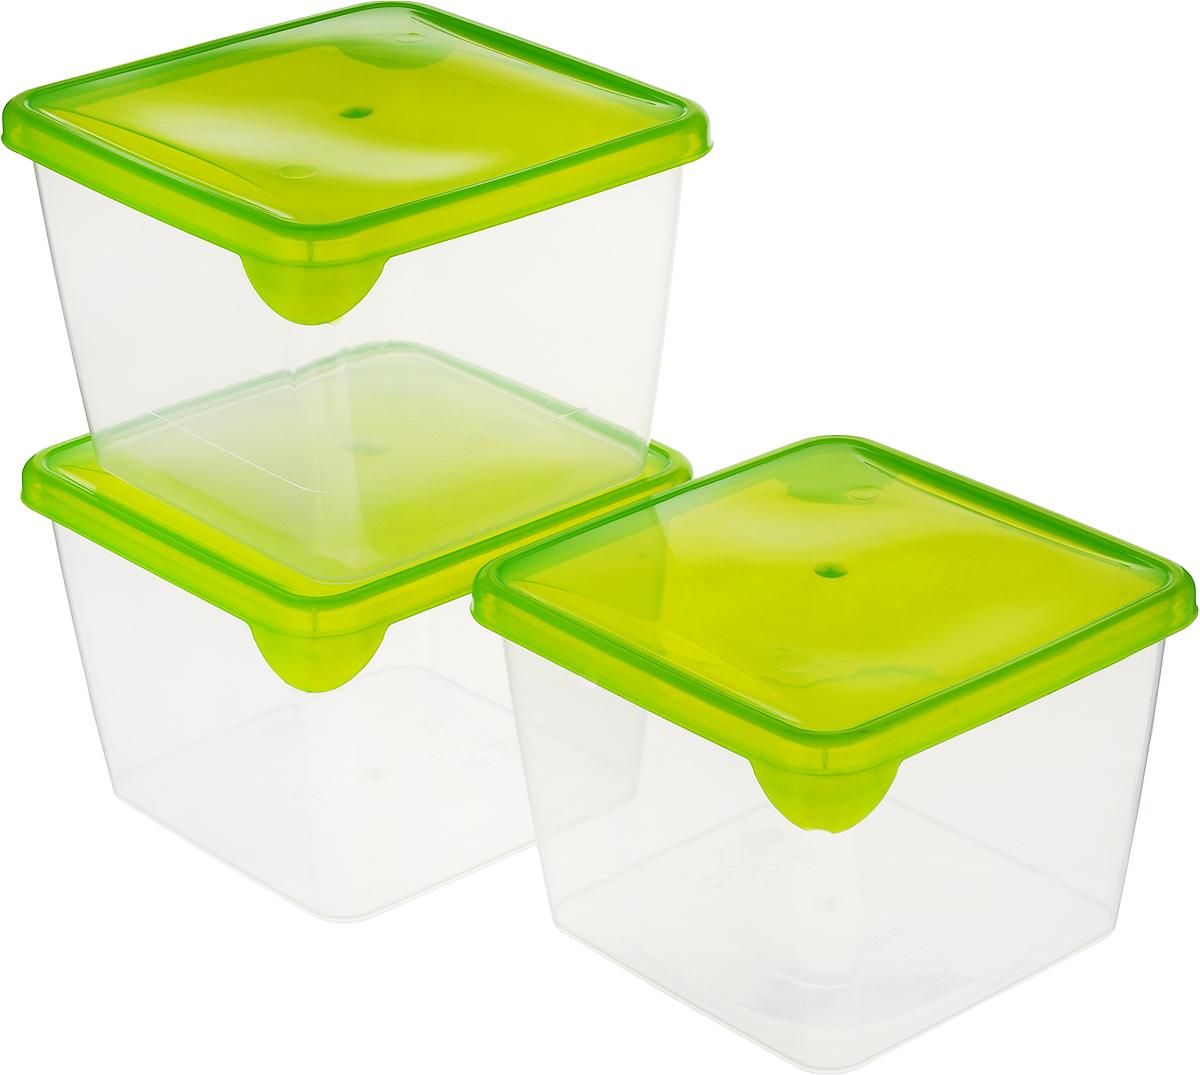 Комплект емкостей для продуктов Giaretti Браво, цвет: прозрачный, салатовый, 750 мл, 3 шт емкость для продуктов giaretti браво цвет белый прозрачный 900 мл gr1068